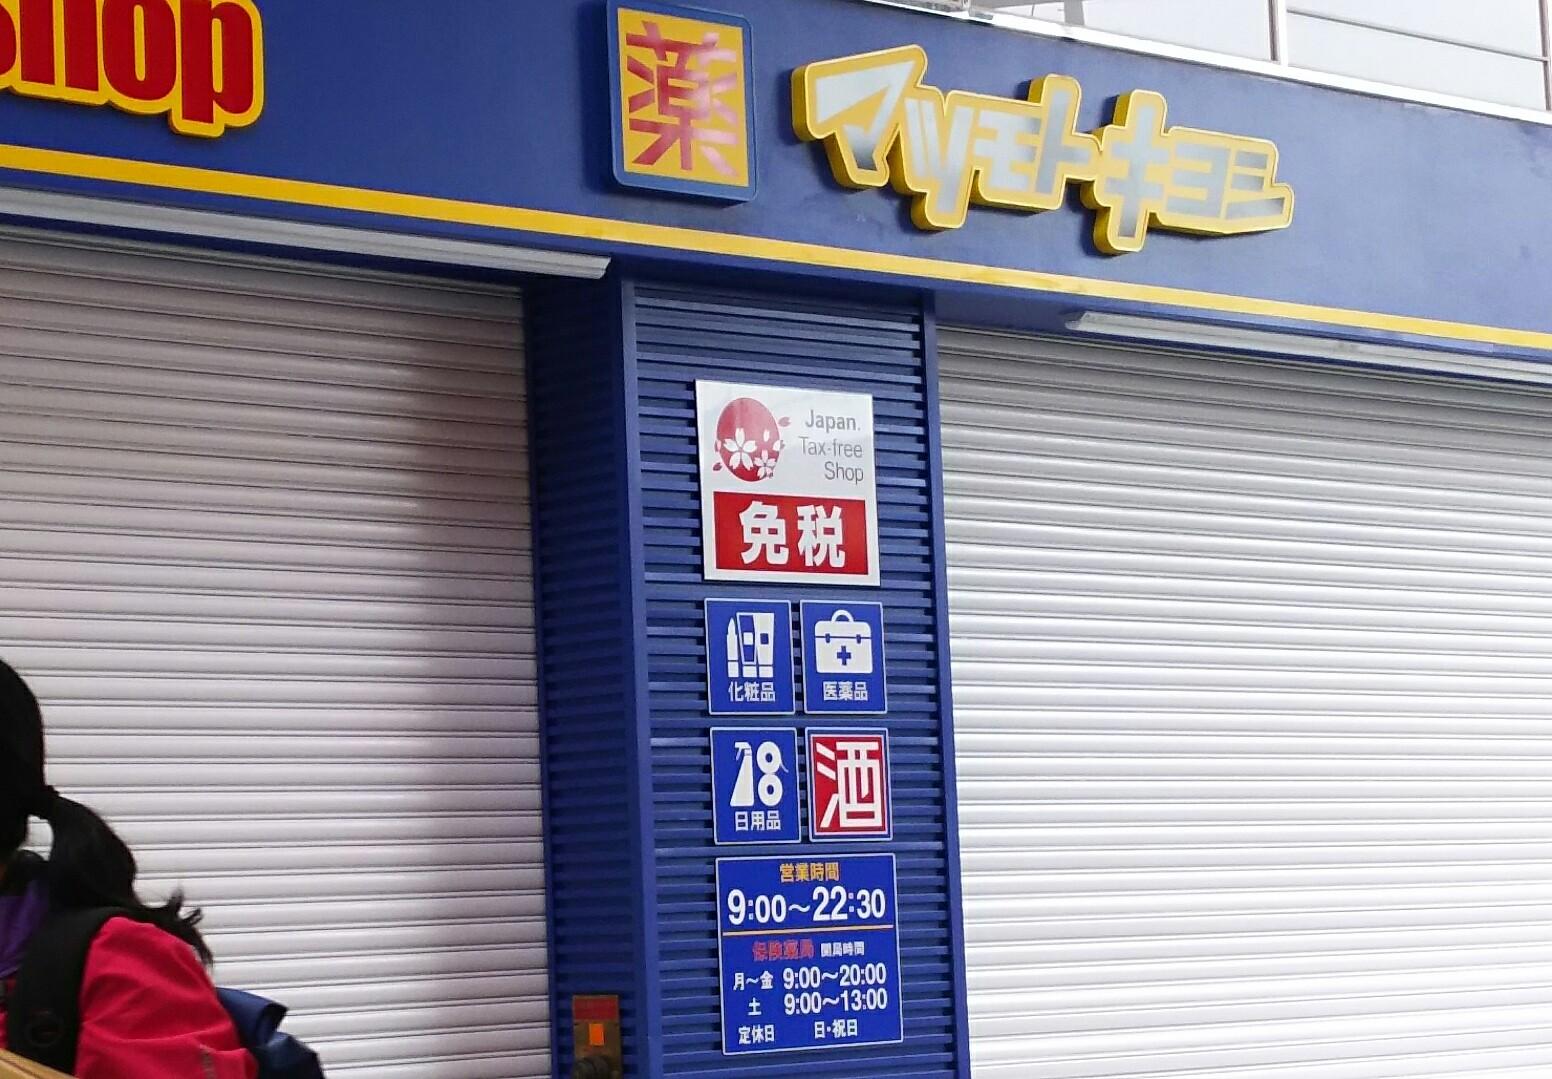 マツモトキヨシ 十三駅東口店 新店舗 営業内容